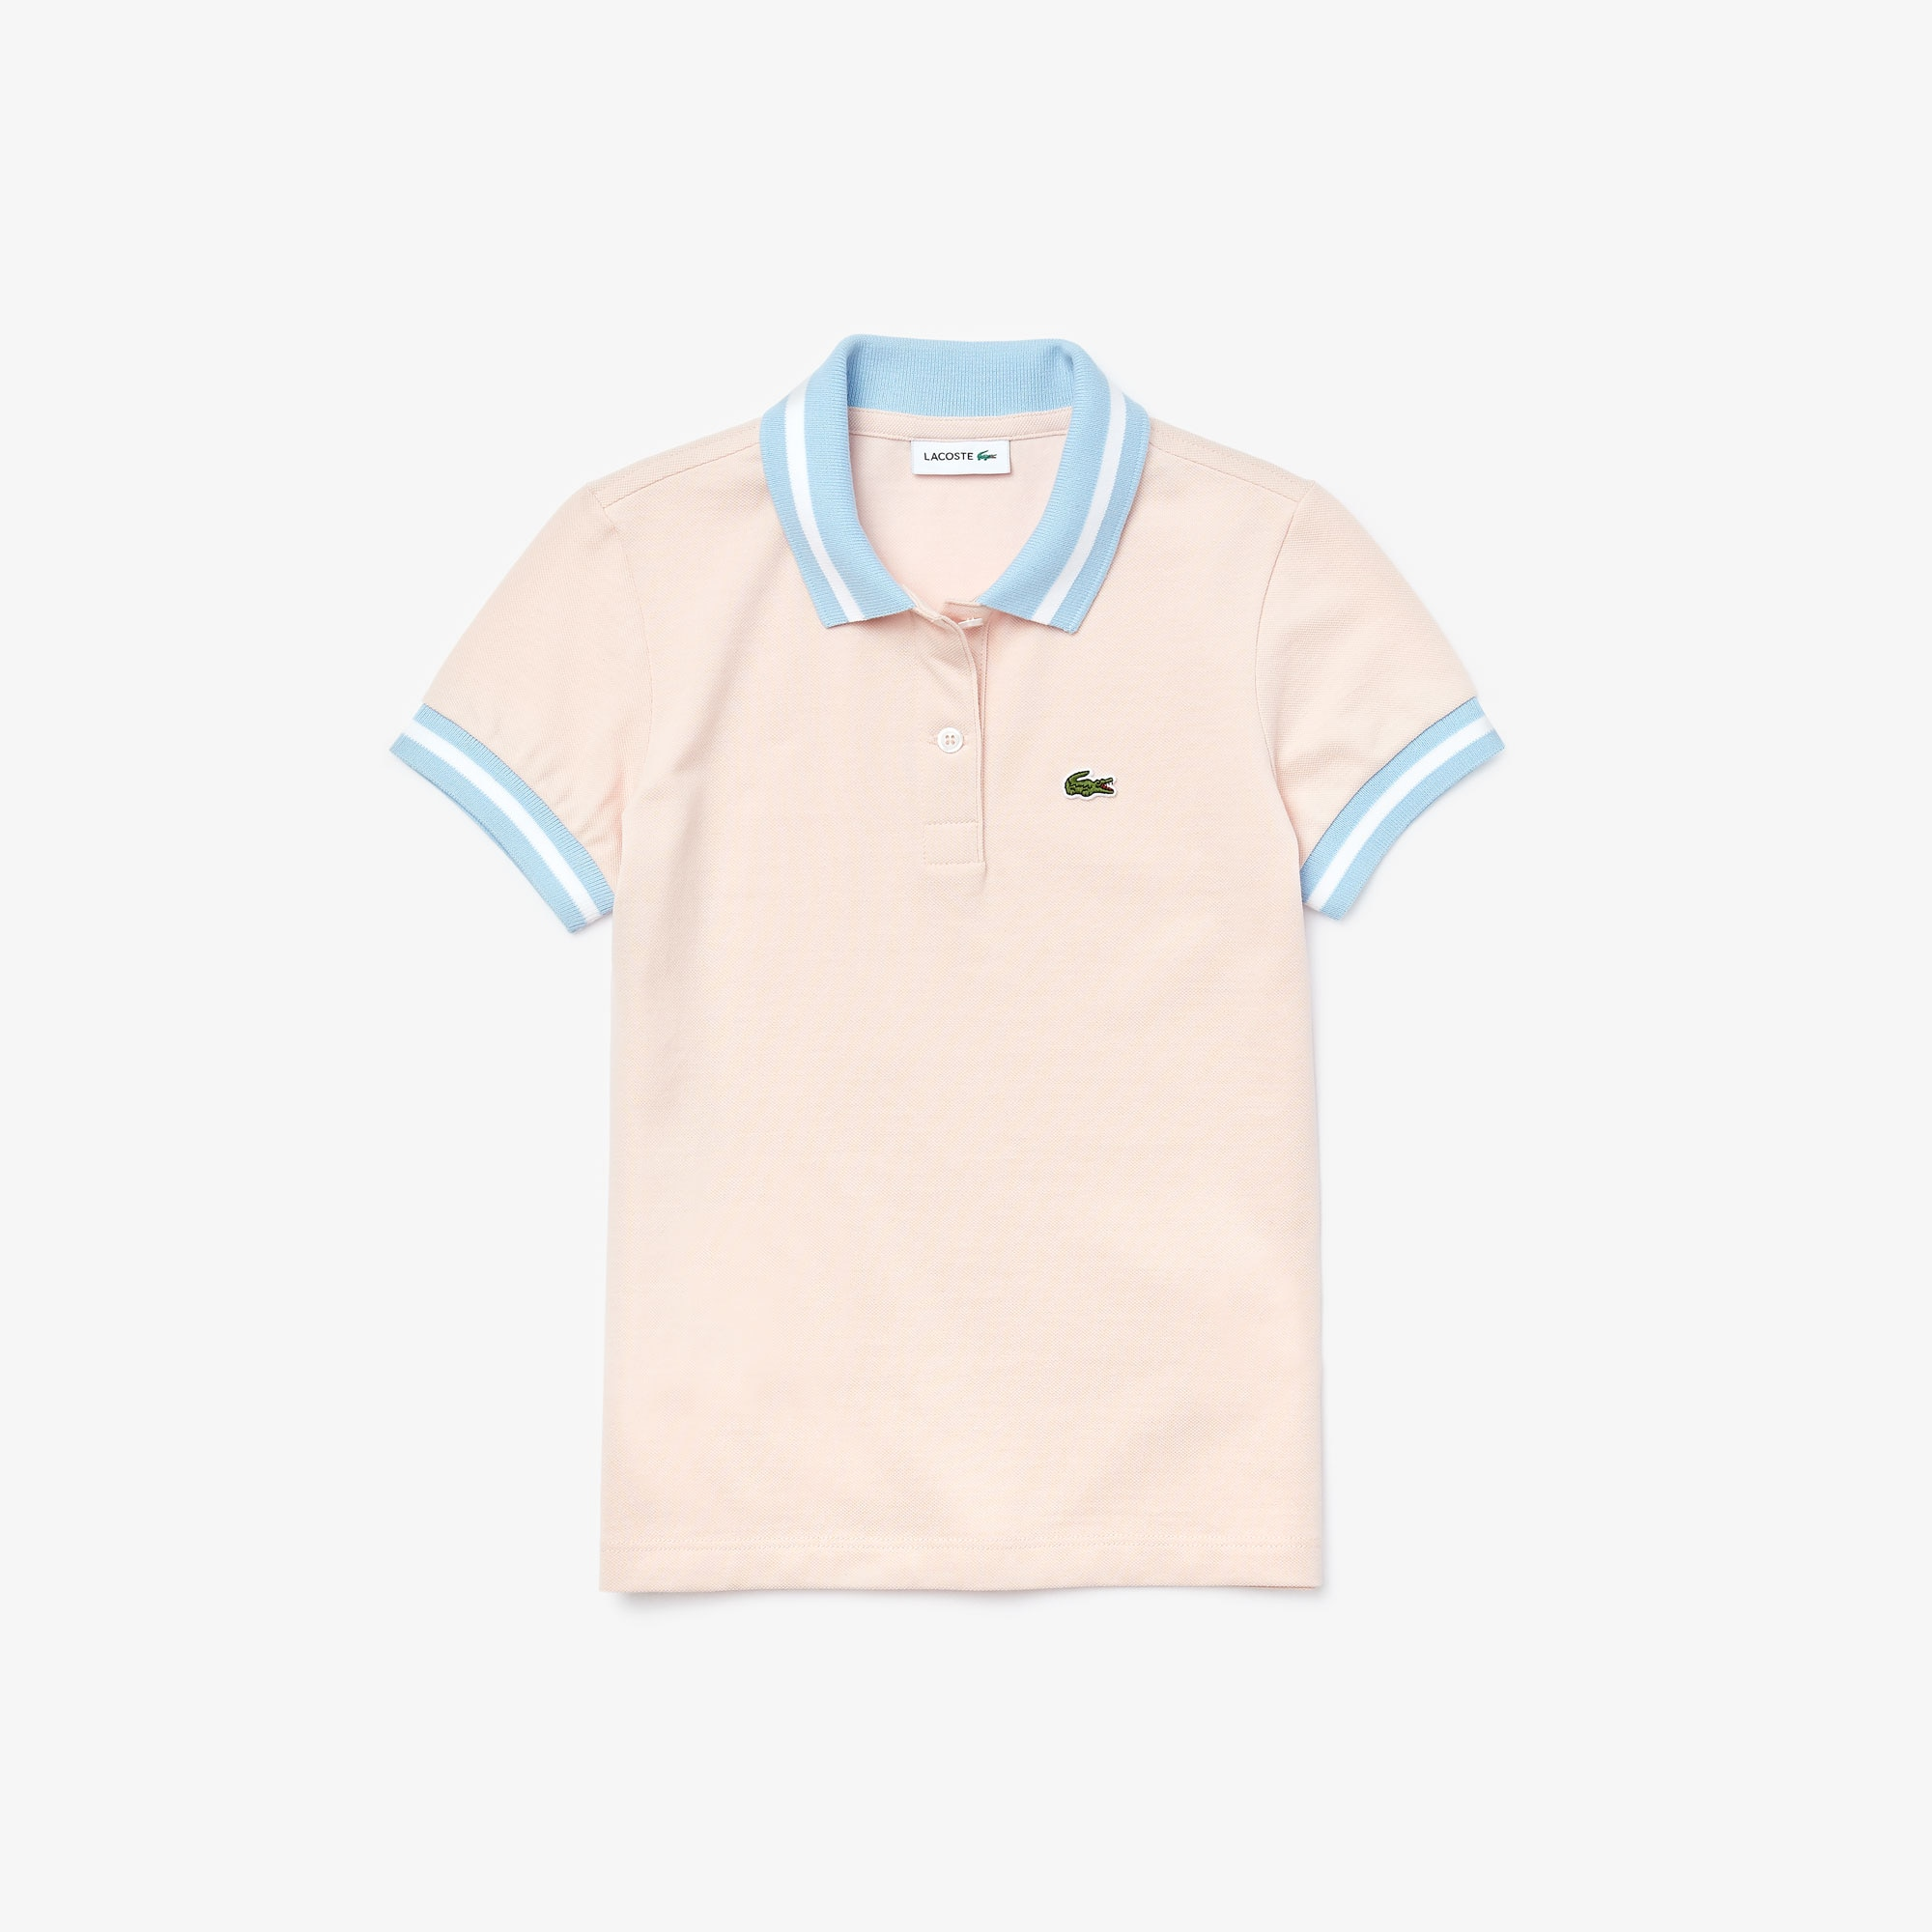 라코스테 Lacoste Boys Striped Details Cotton Pique Polo,Light Pink / White • AEK